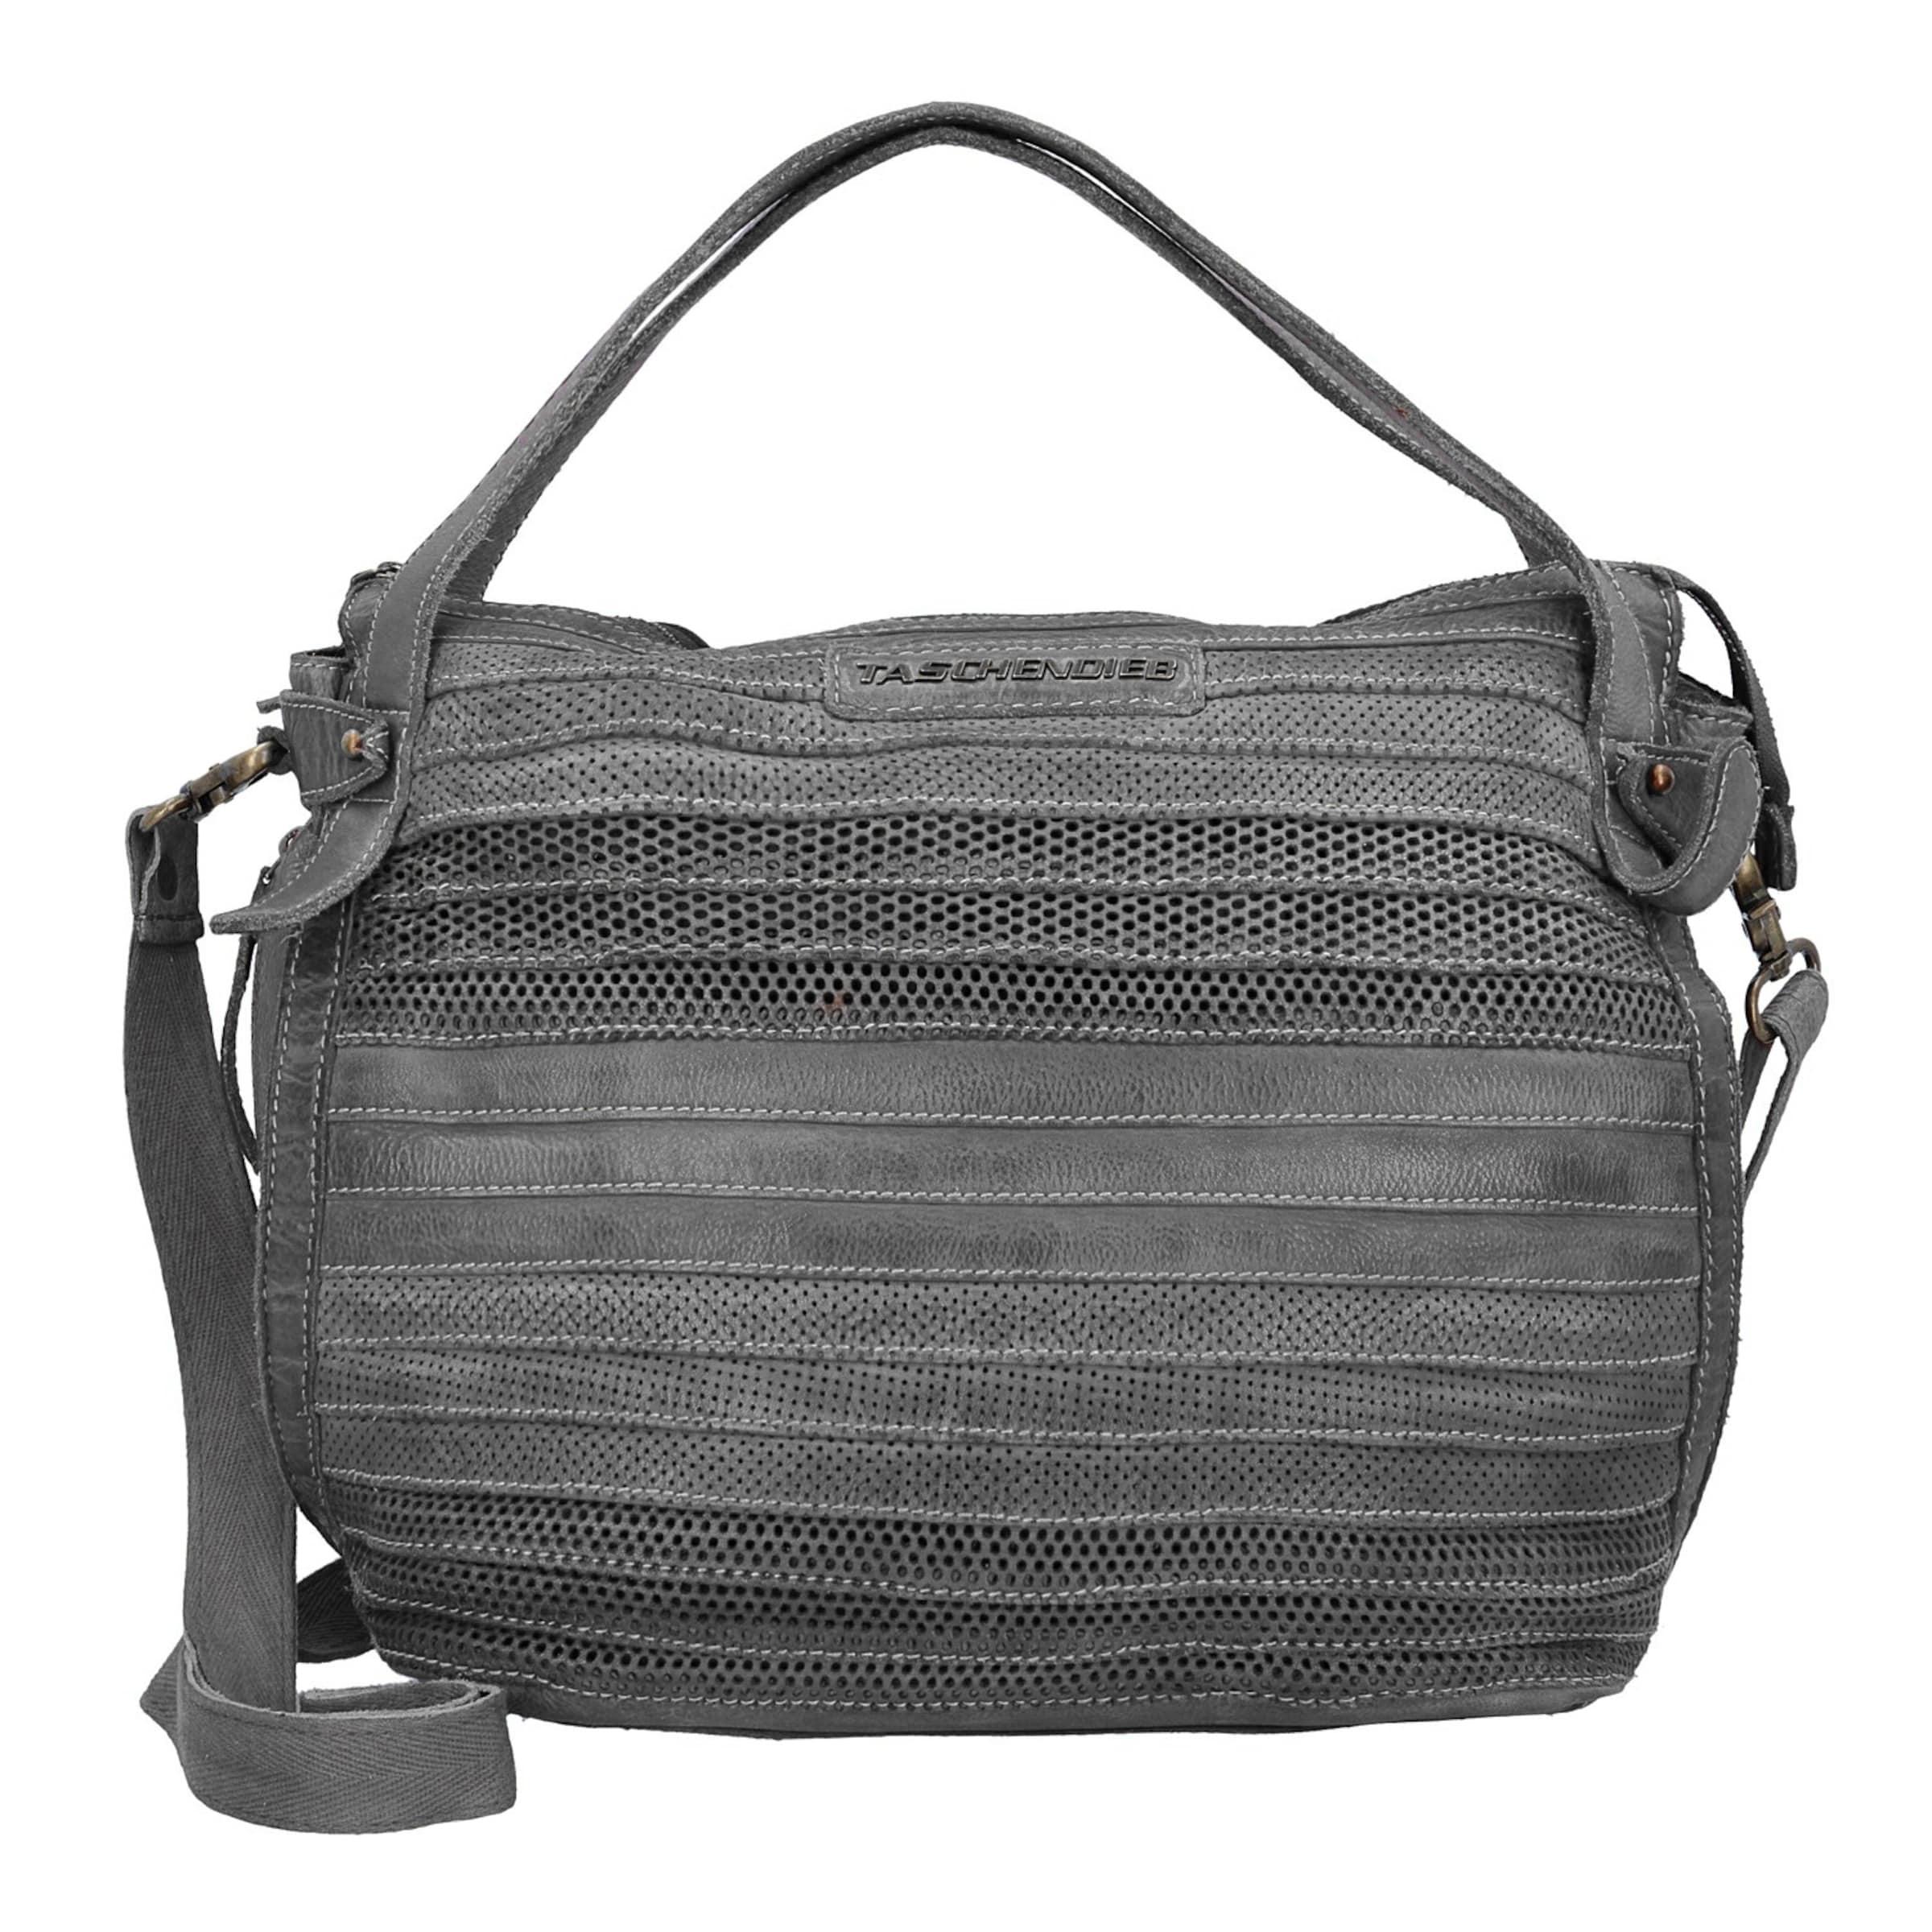 Taschendieb Wien Handtasche Leder 35 cm Erkunden Günstigen Preis Online-Verkauf Verkauf Truhe Bilder SUzut0bJ